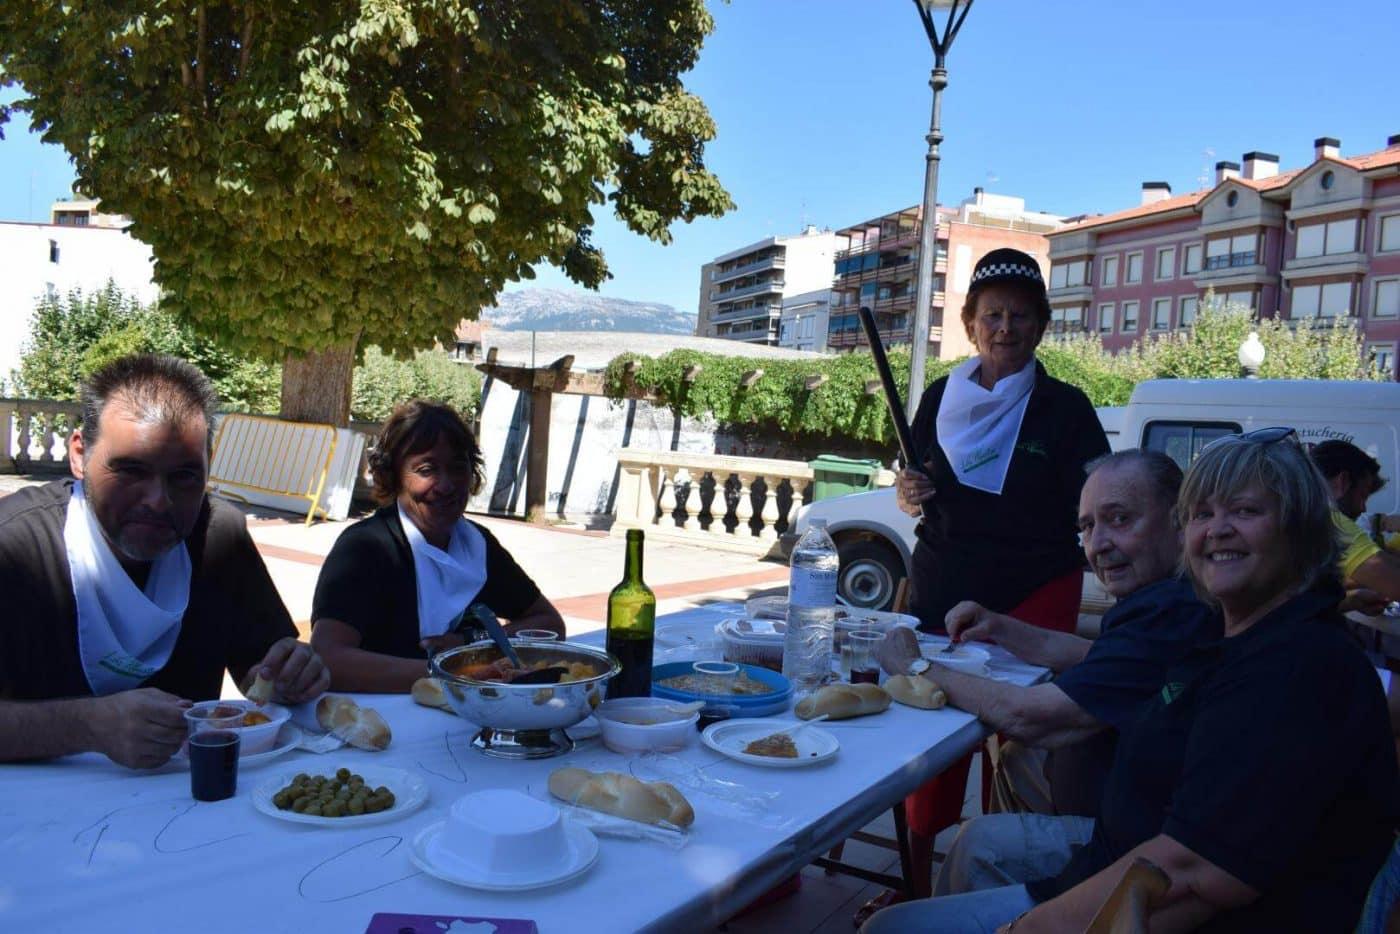 El soniquete binguero, colofón a la comida de hermandad del Barrio de las Huertas 10